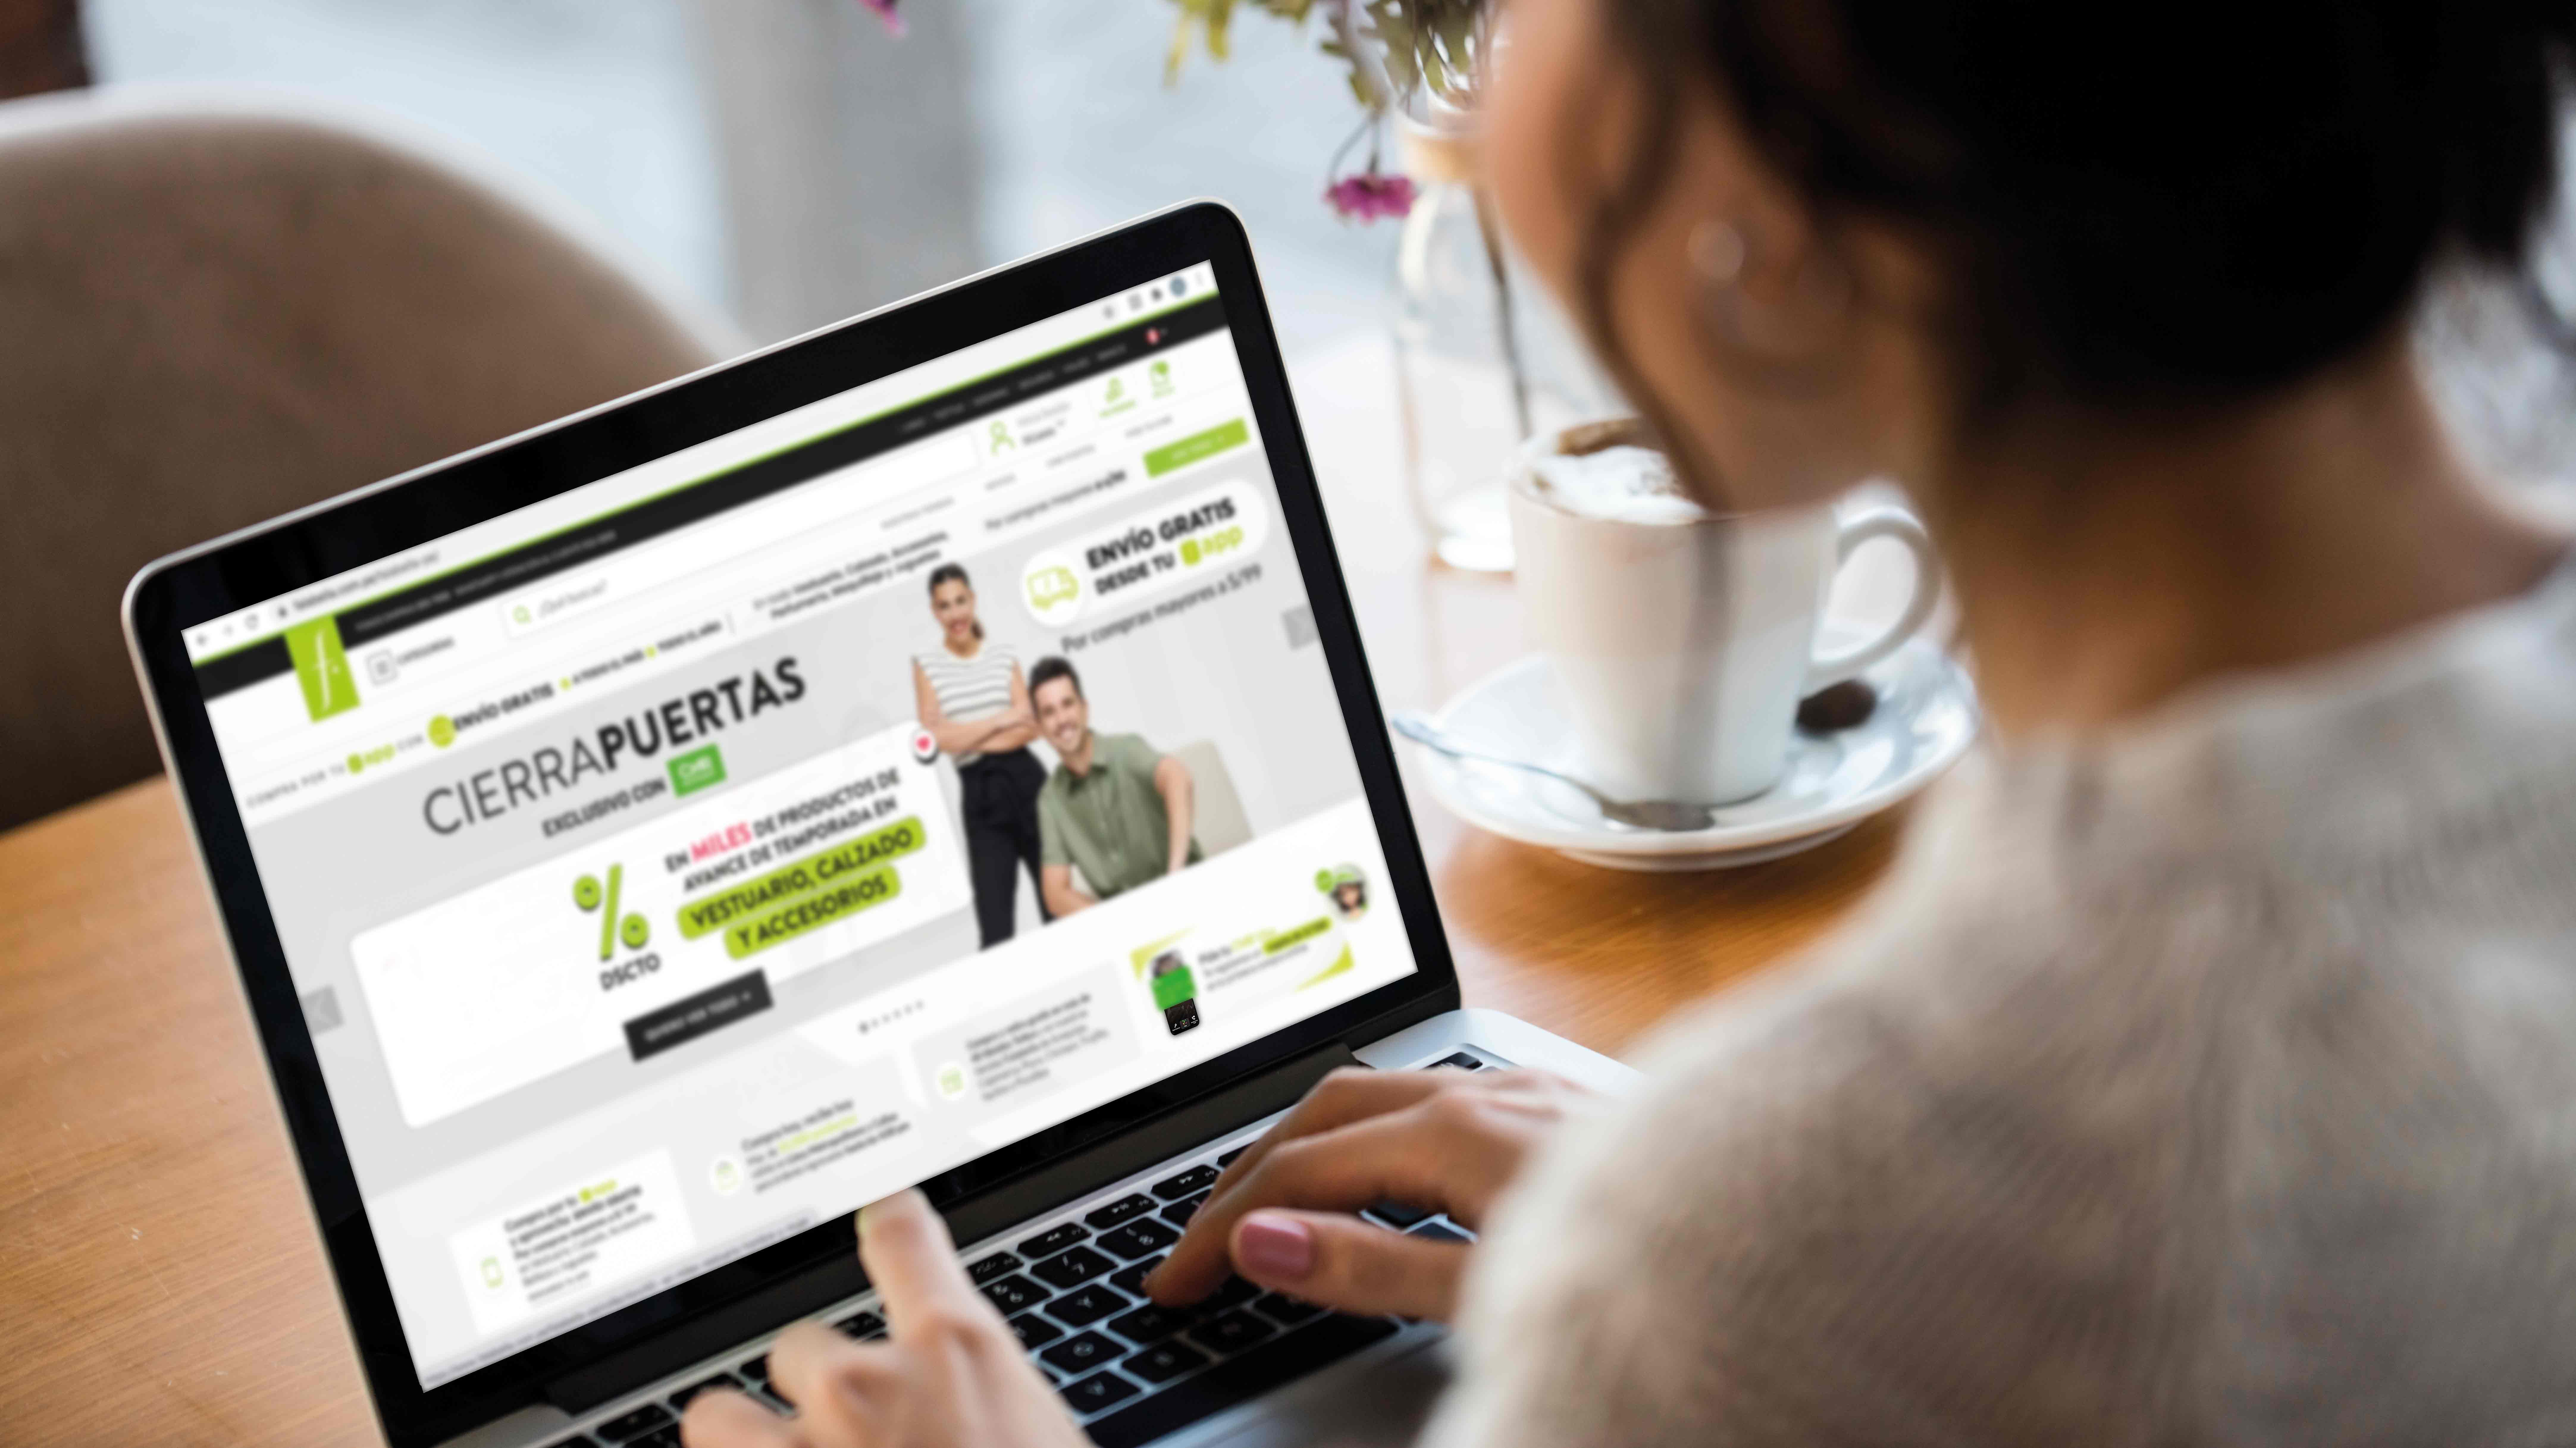 Falabella reforzará su presencia en el Perú con nuevas aperturas de supermercados